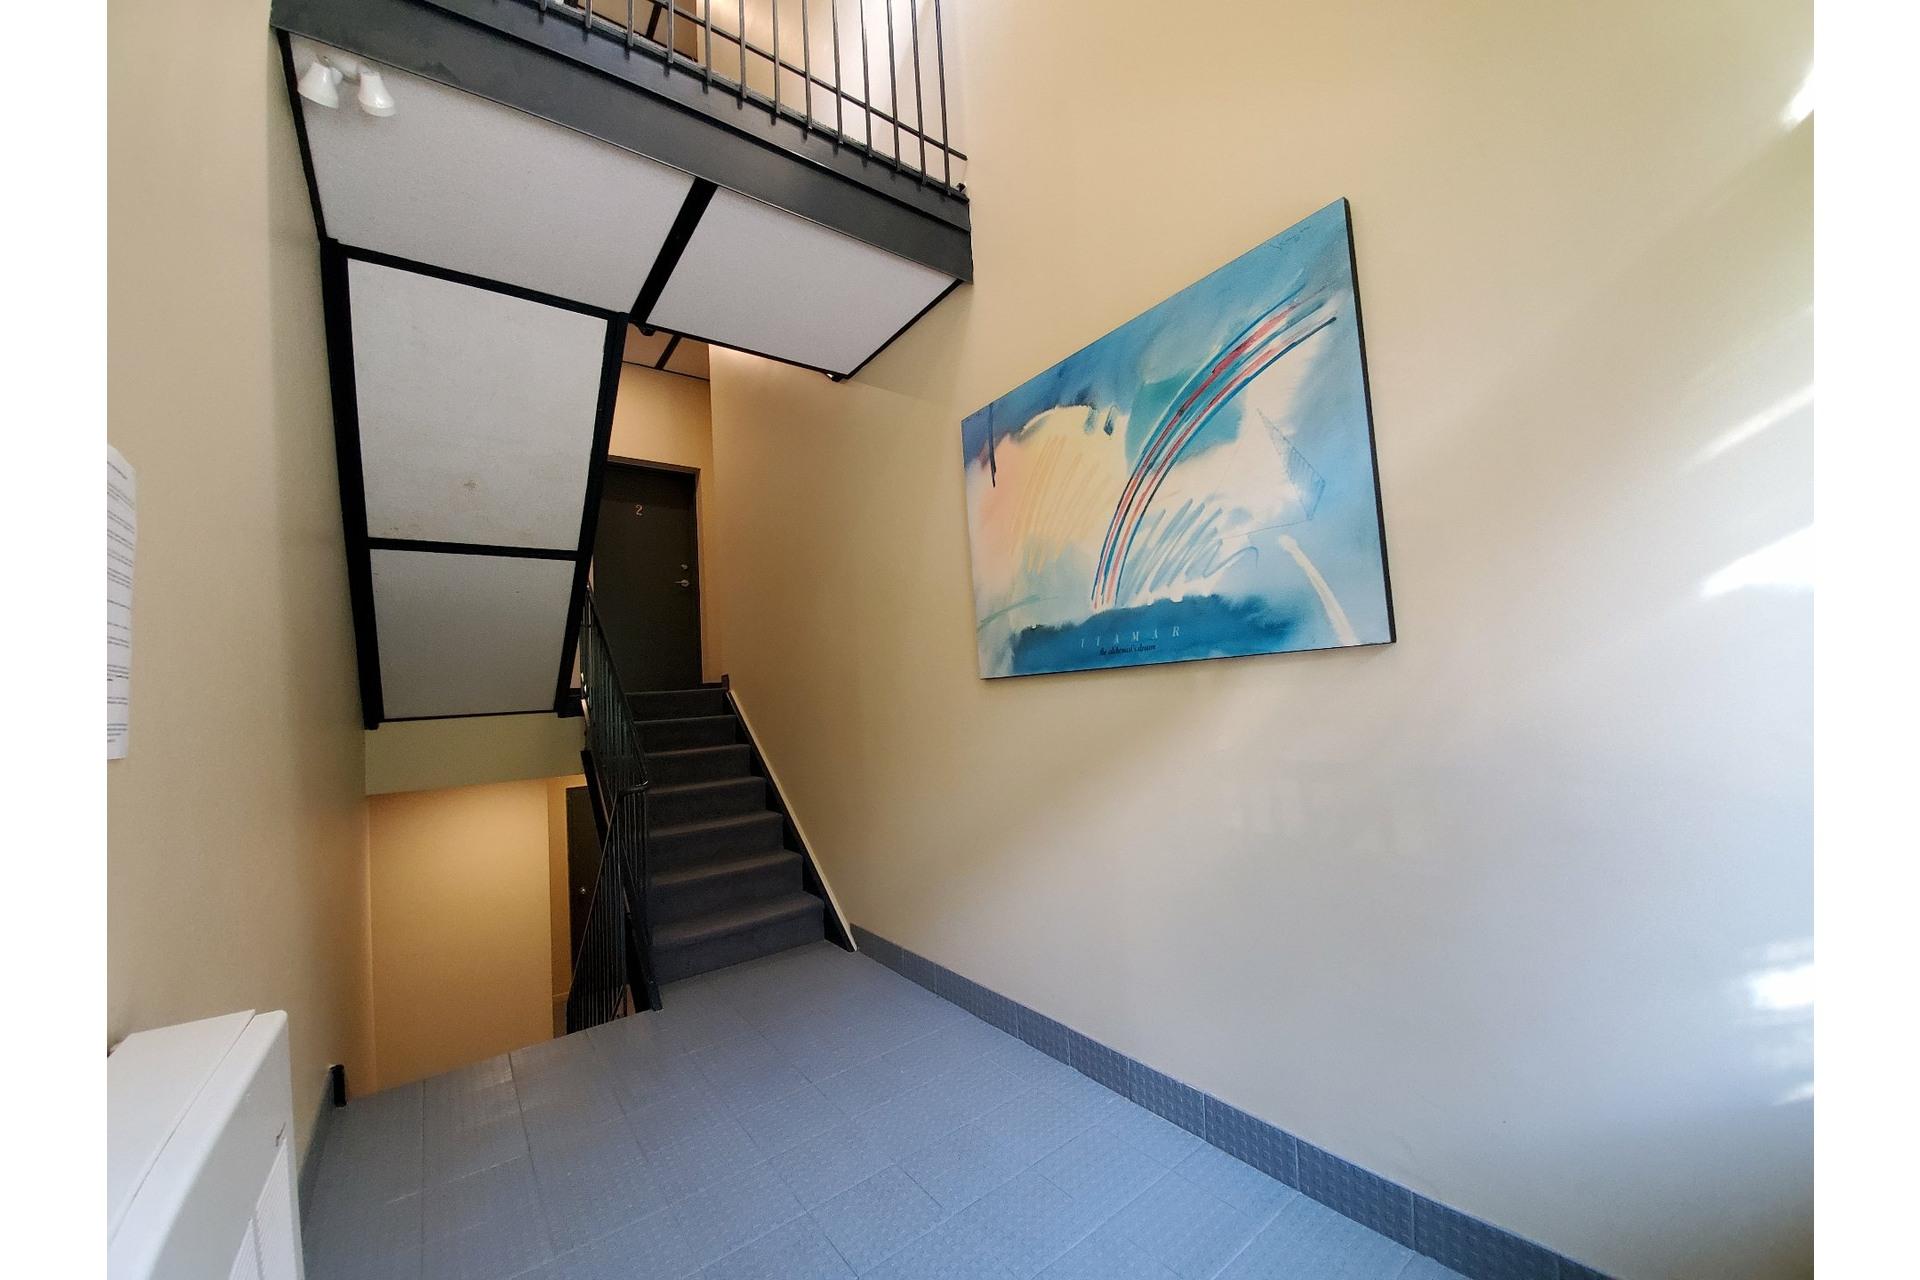 image 29 - Apartment For sale Ville-Marie Montréal  - 5 rooms